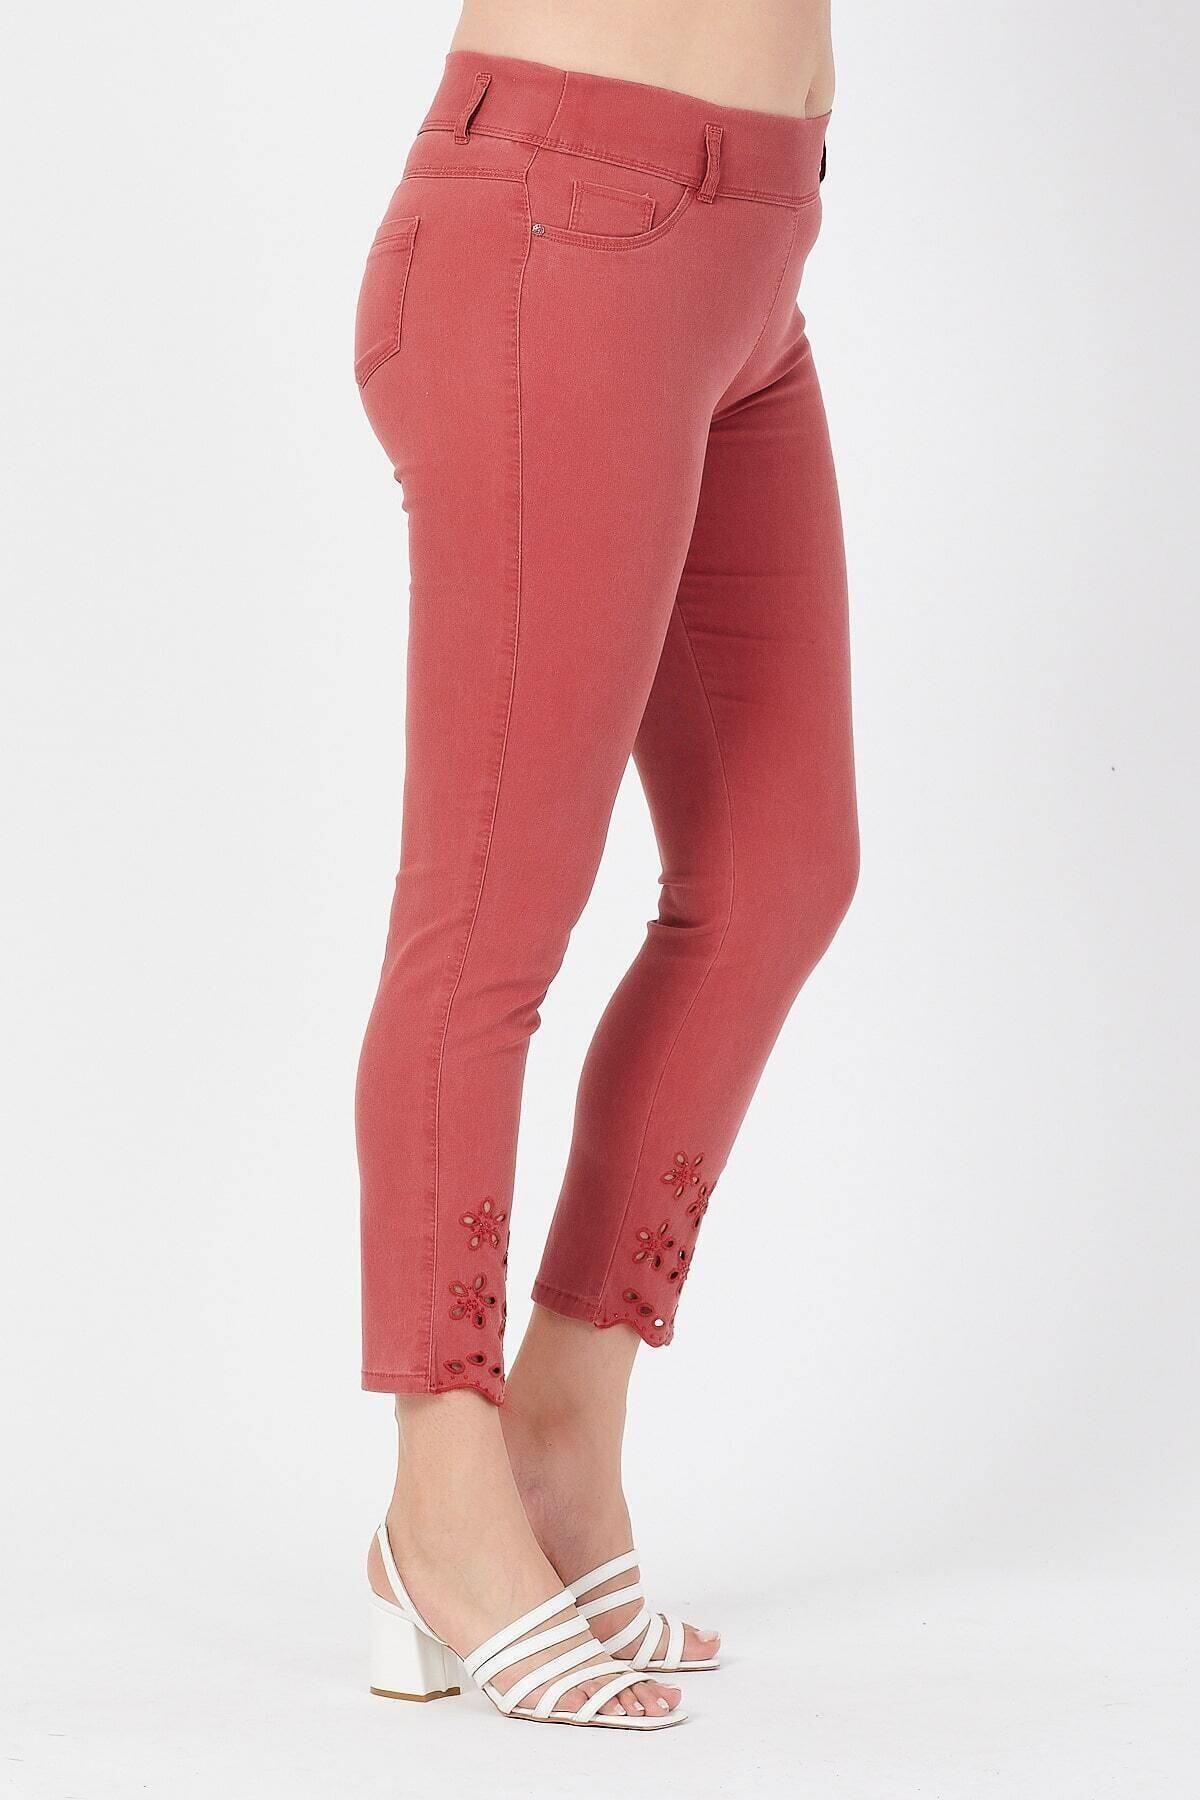 Siyezen Kadın Turuncu Büyük Beden Paçası Nakışlı Toparlayıcı Pantolon 2